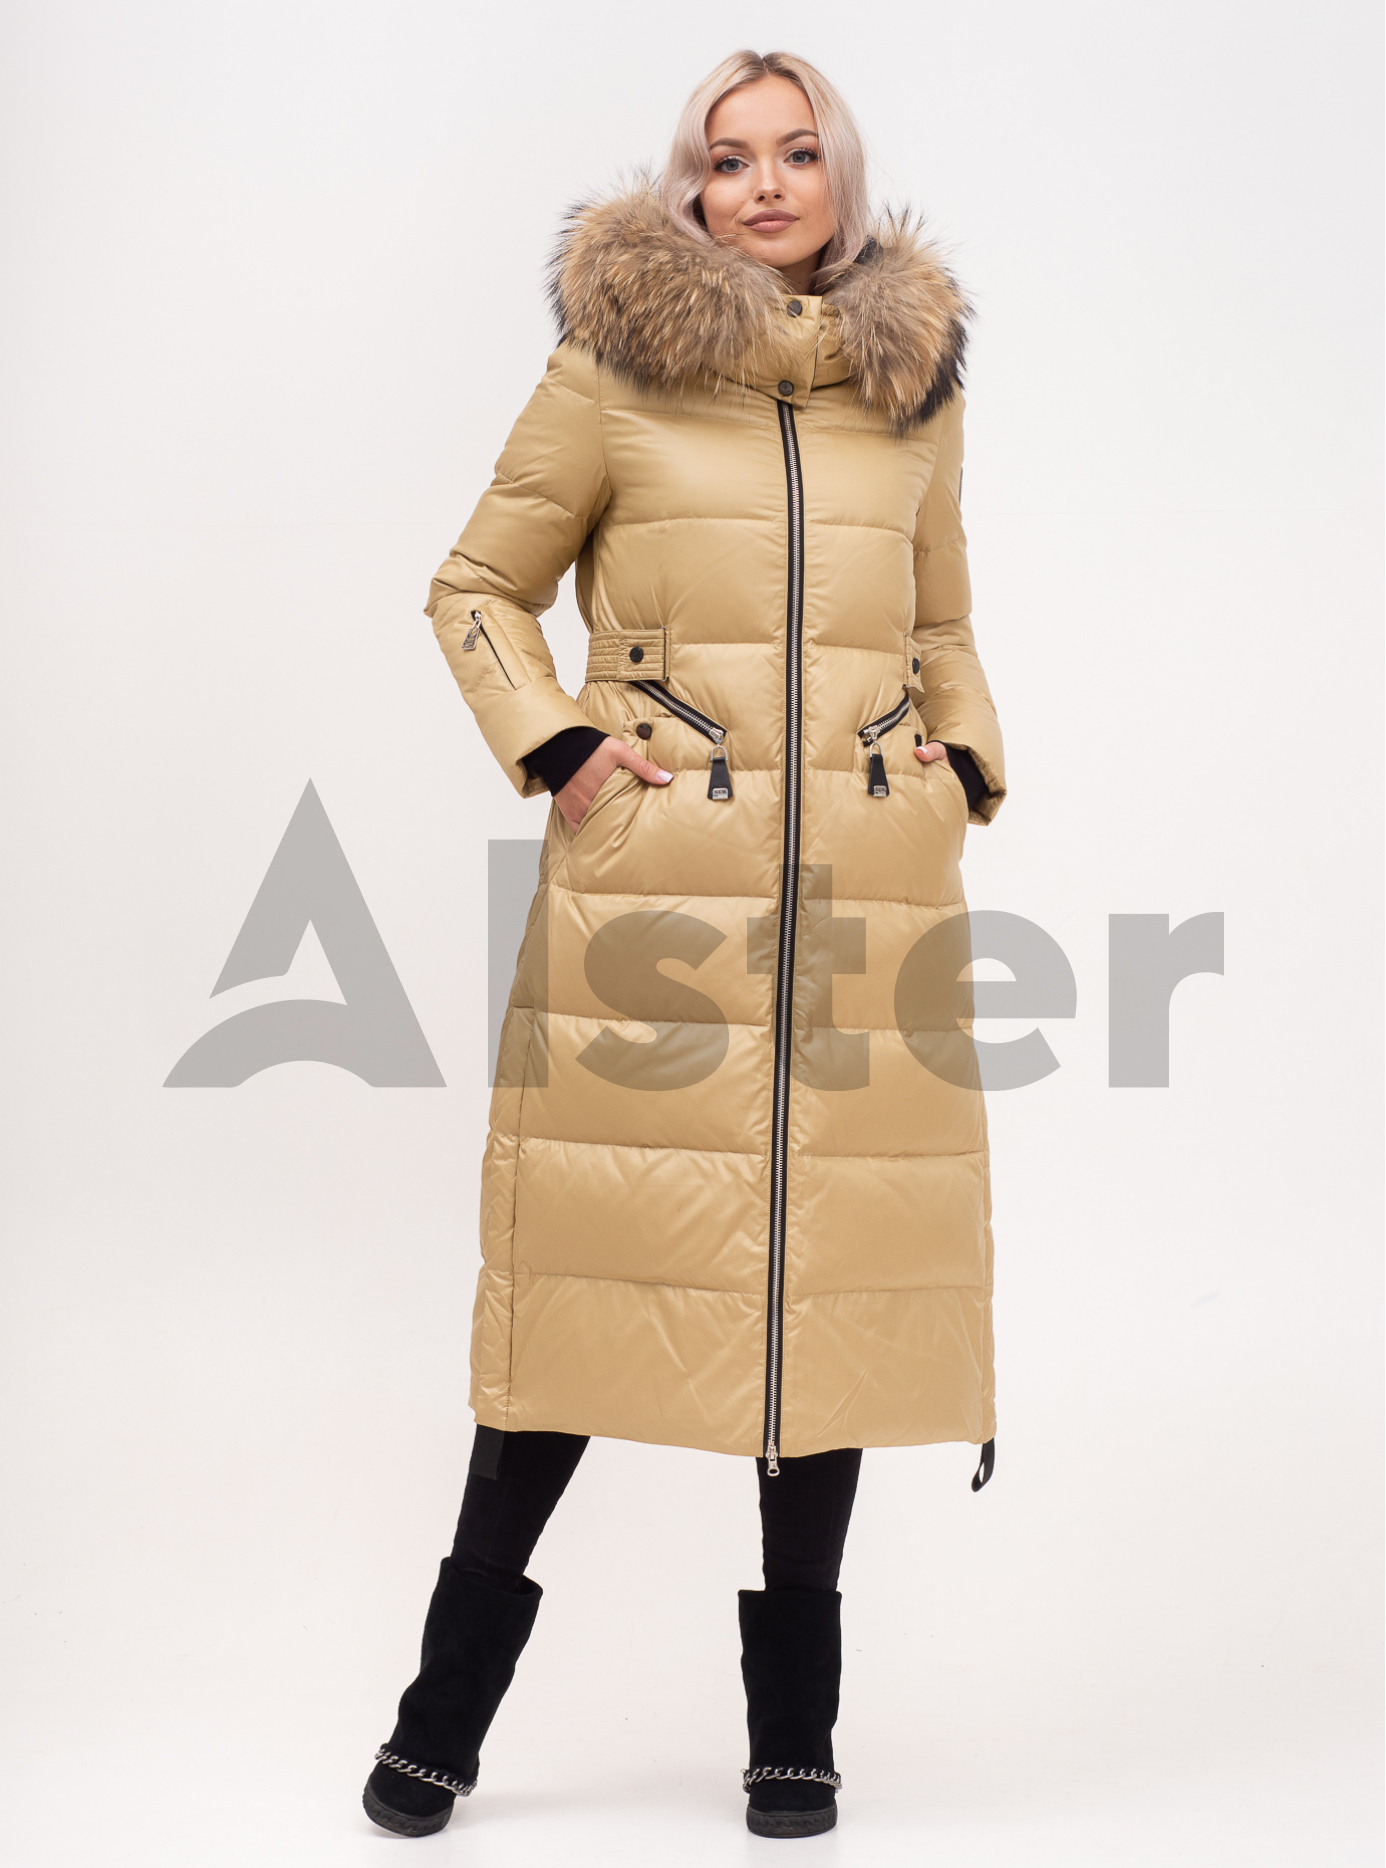 Пуховик зимовий довгий на блискавці з хутром єнота Бежевий S (02-N200469): фото - Alster.ua